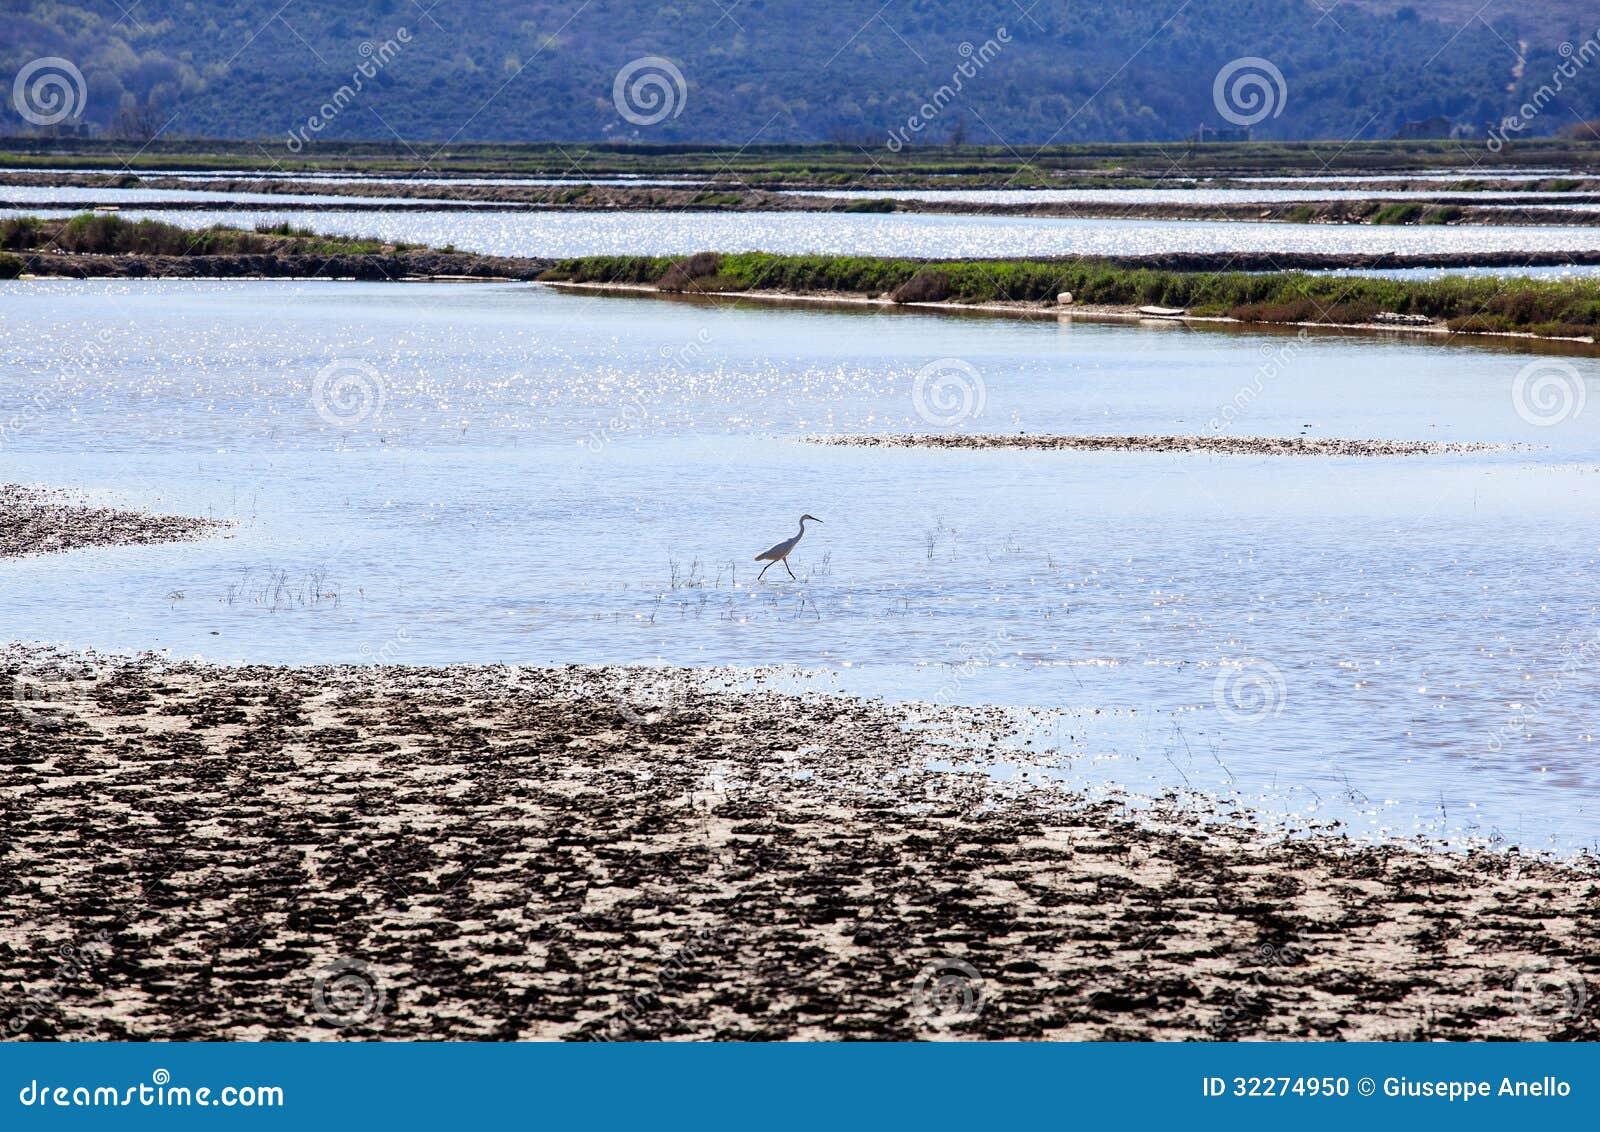 Heron in the salt evaporation ponds in secovlje stock for Design of evaporation pond